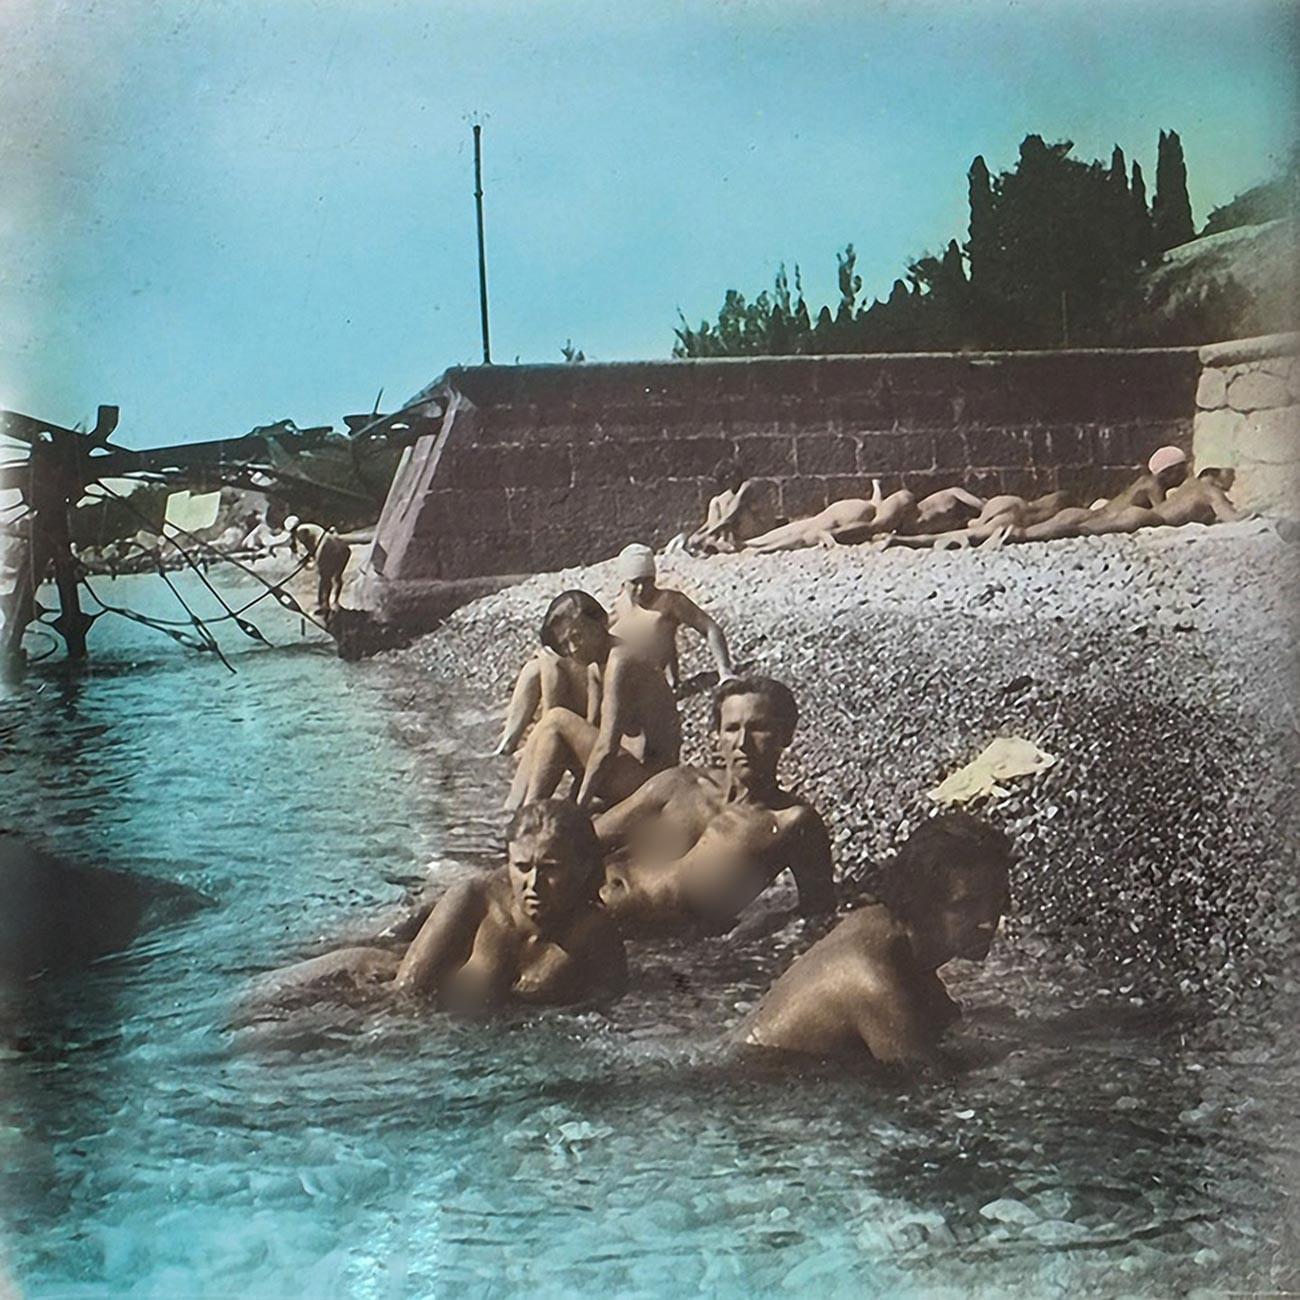 Trabajadores desnudos y granjeros de una explotación colectiva en una playa de Crimea, 1931.